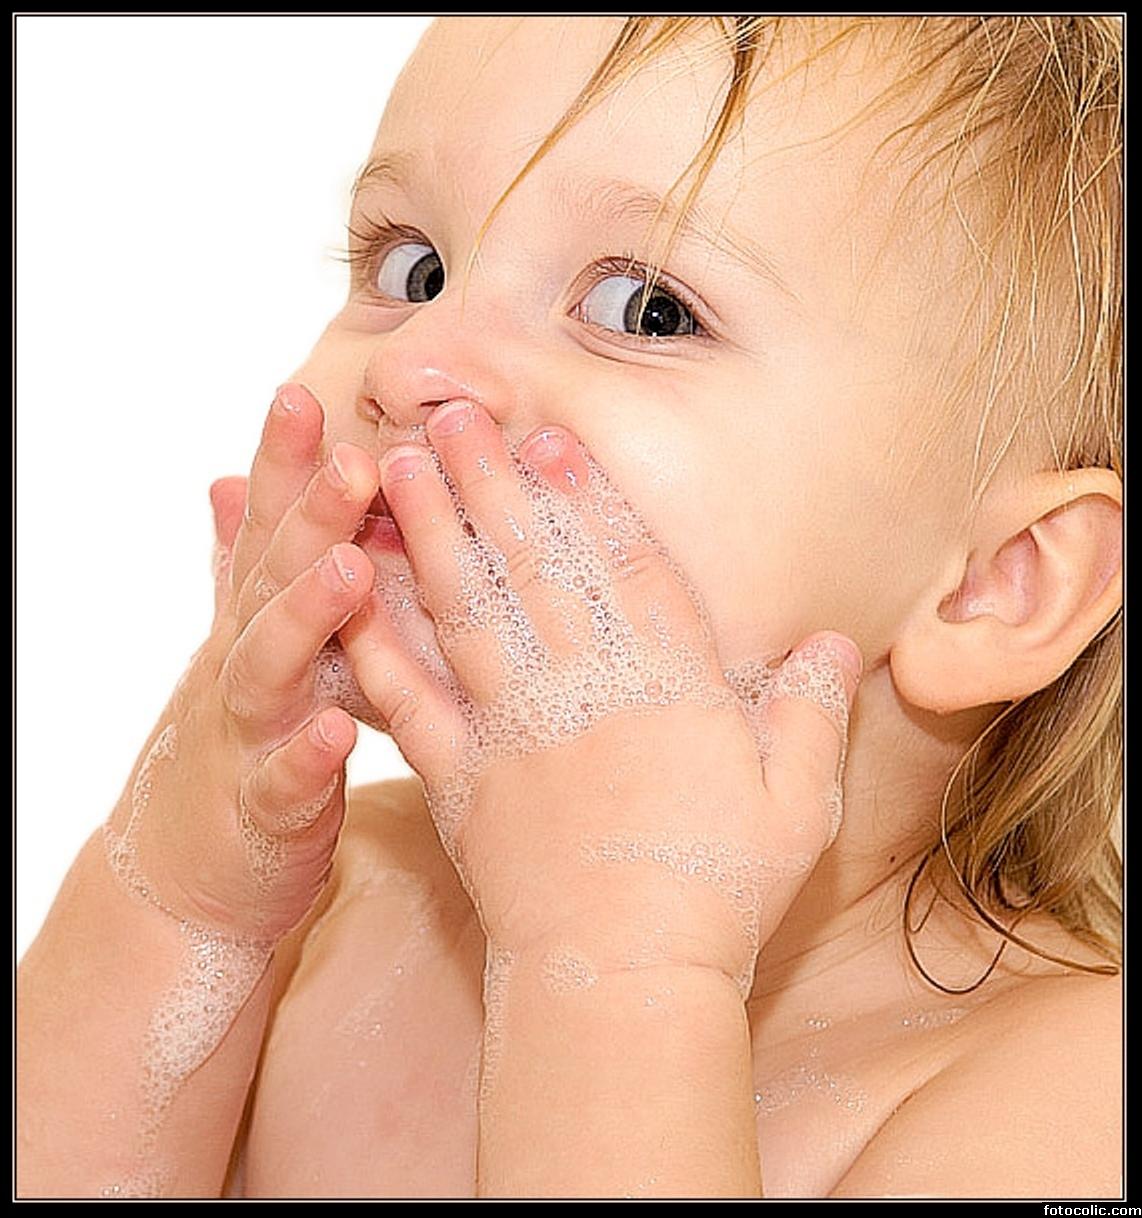 Sevimli bebek resimleri hd desktop wallpapers duvar kağıtları